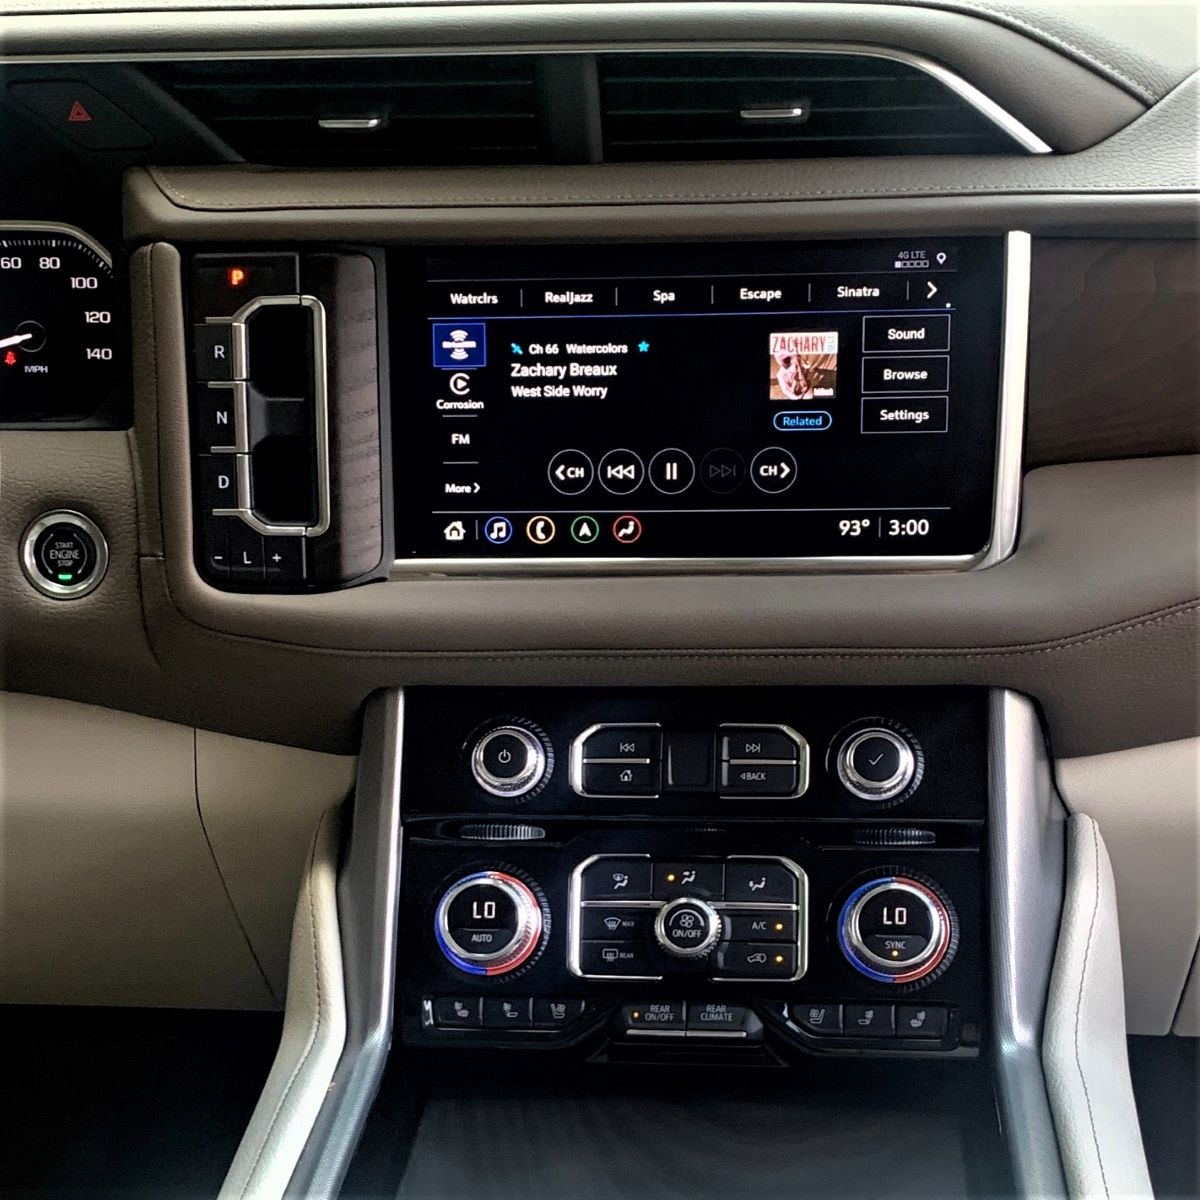 2021 GMC Yukon XL display